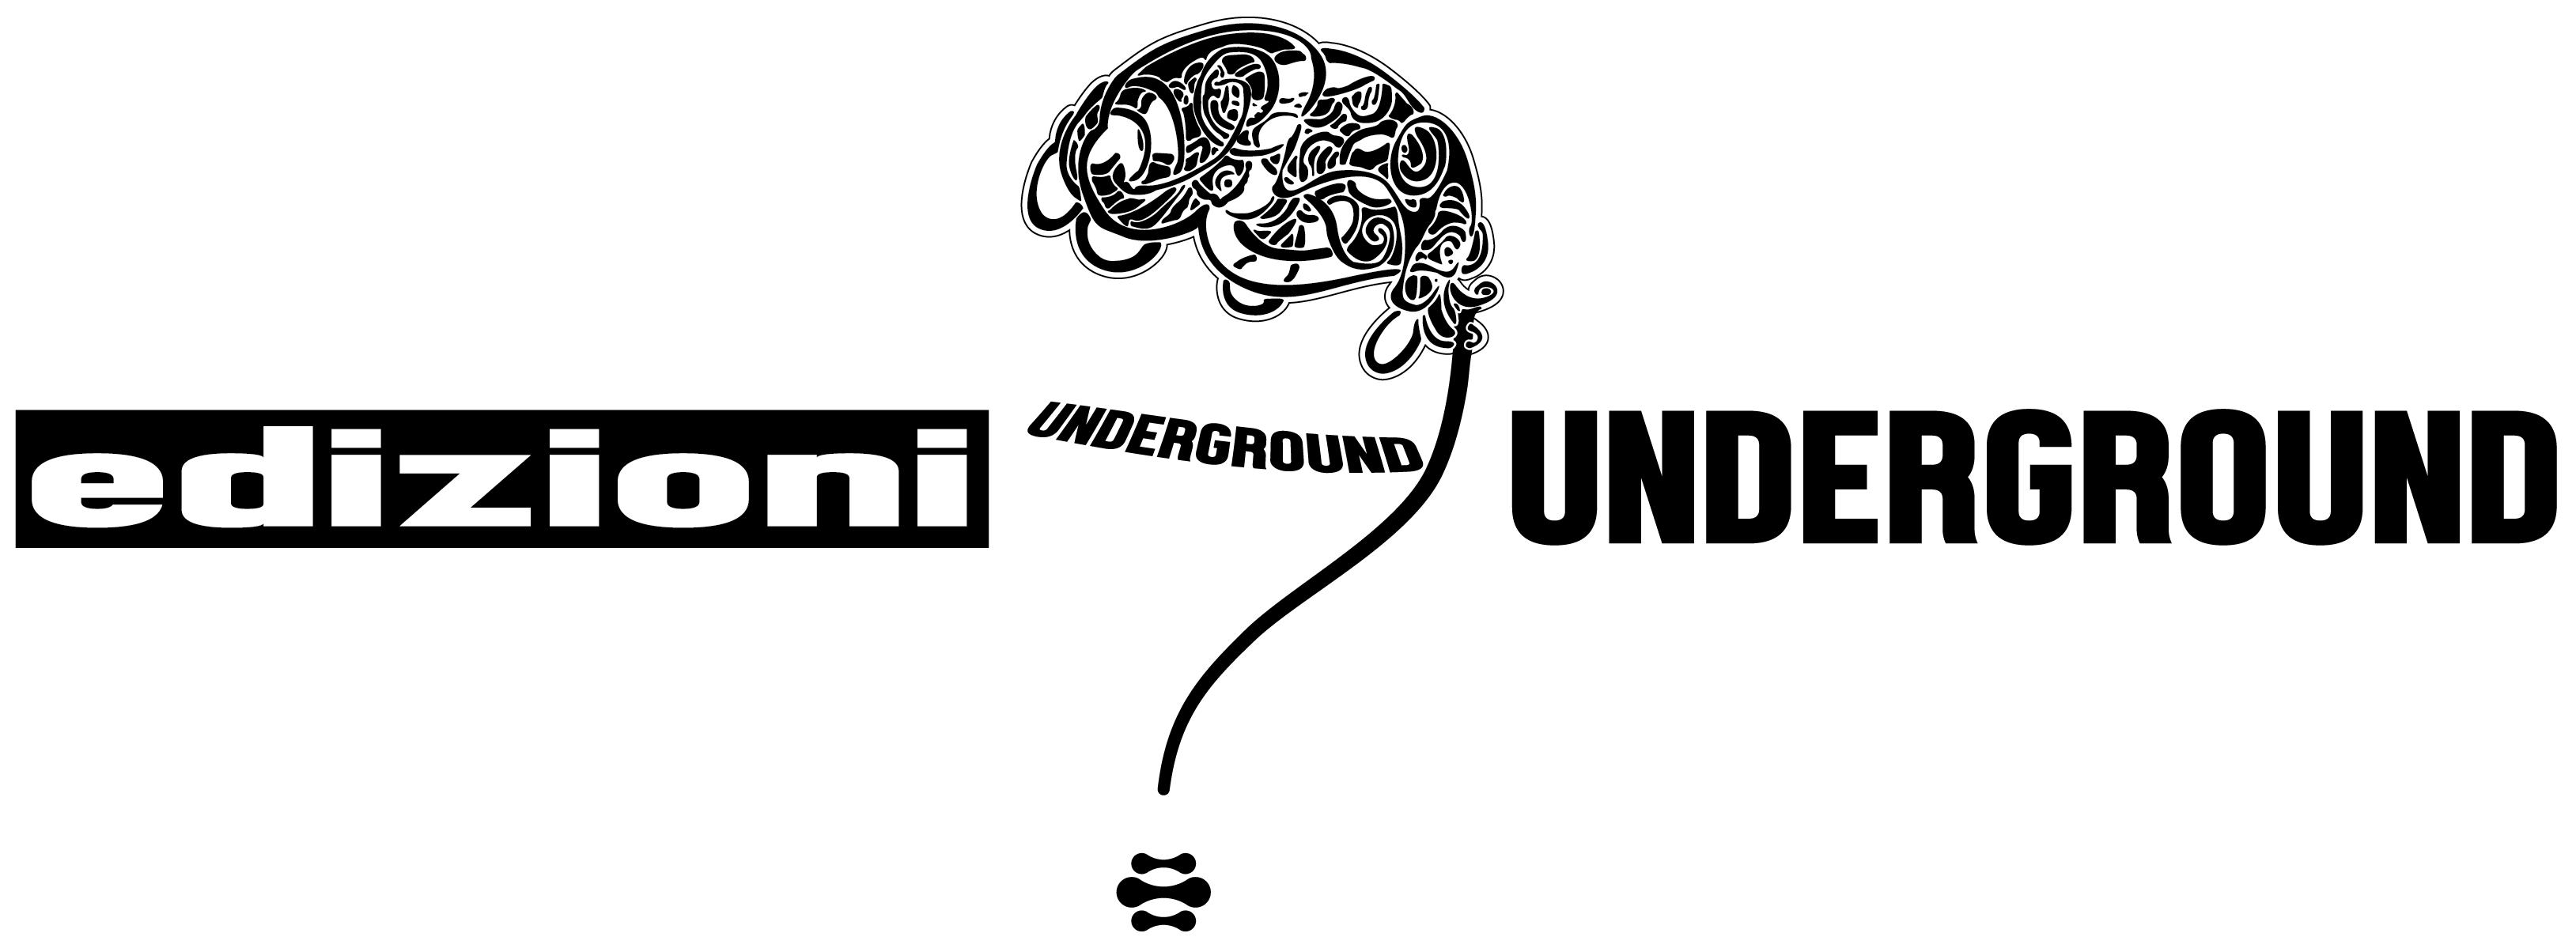 Edizioni Underground? - Logo Redesign - Marco Champier - Graphic and Web Design